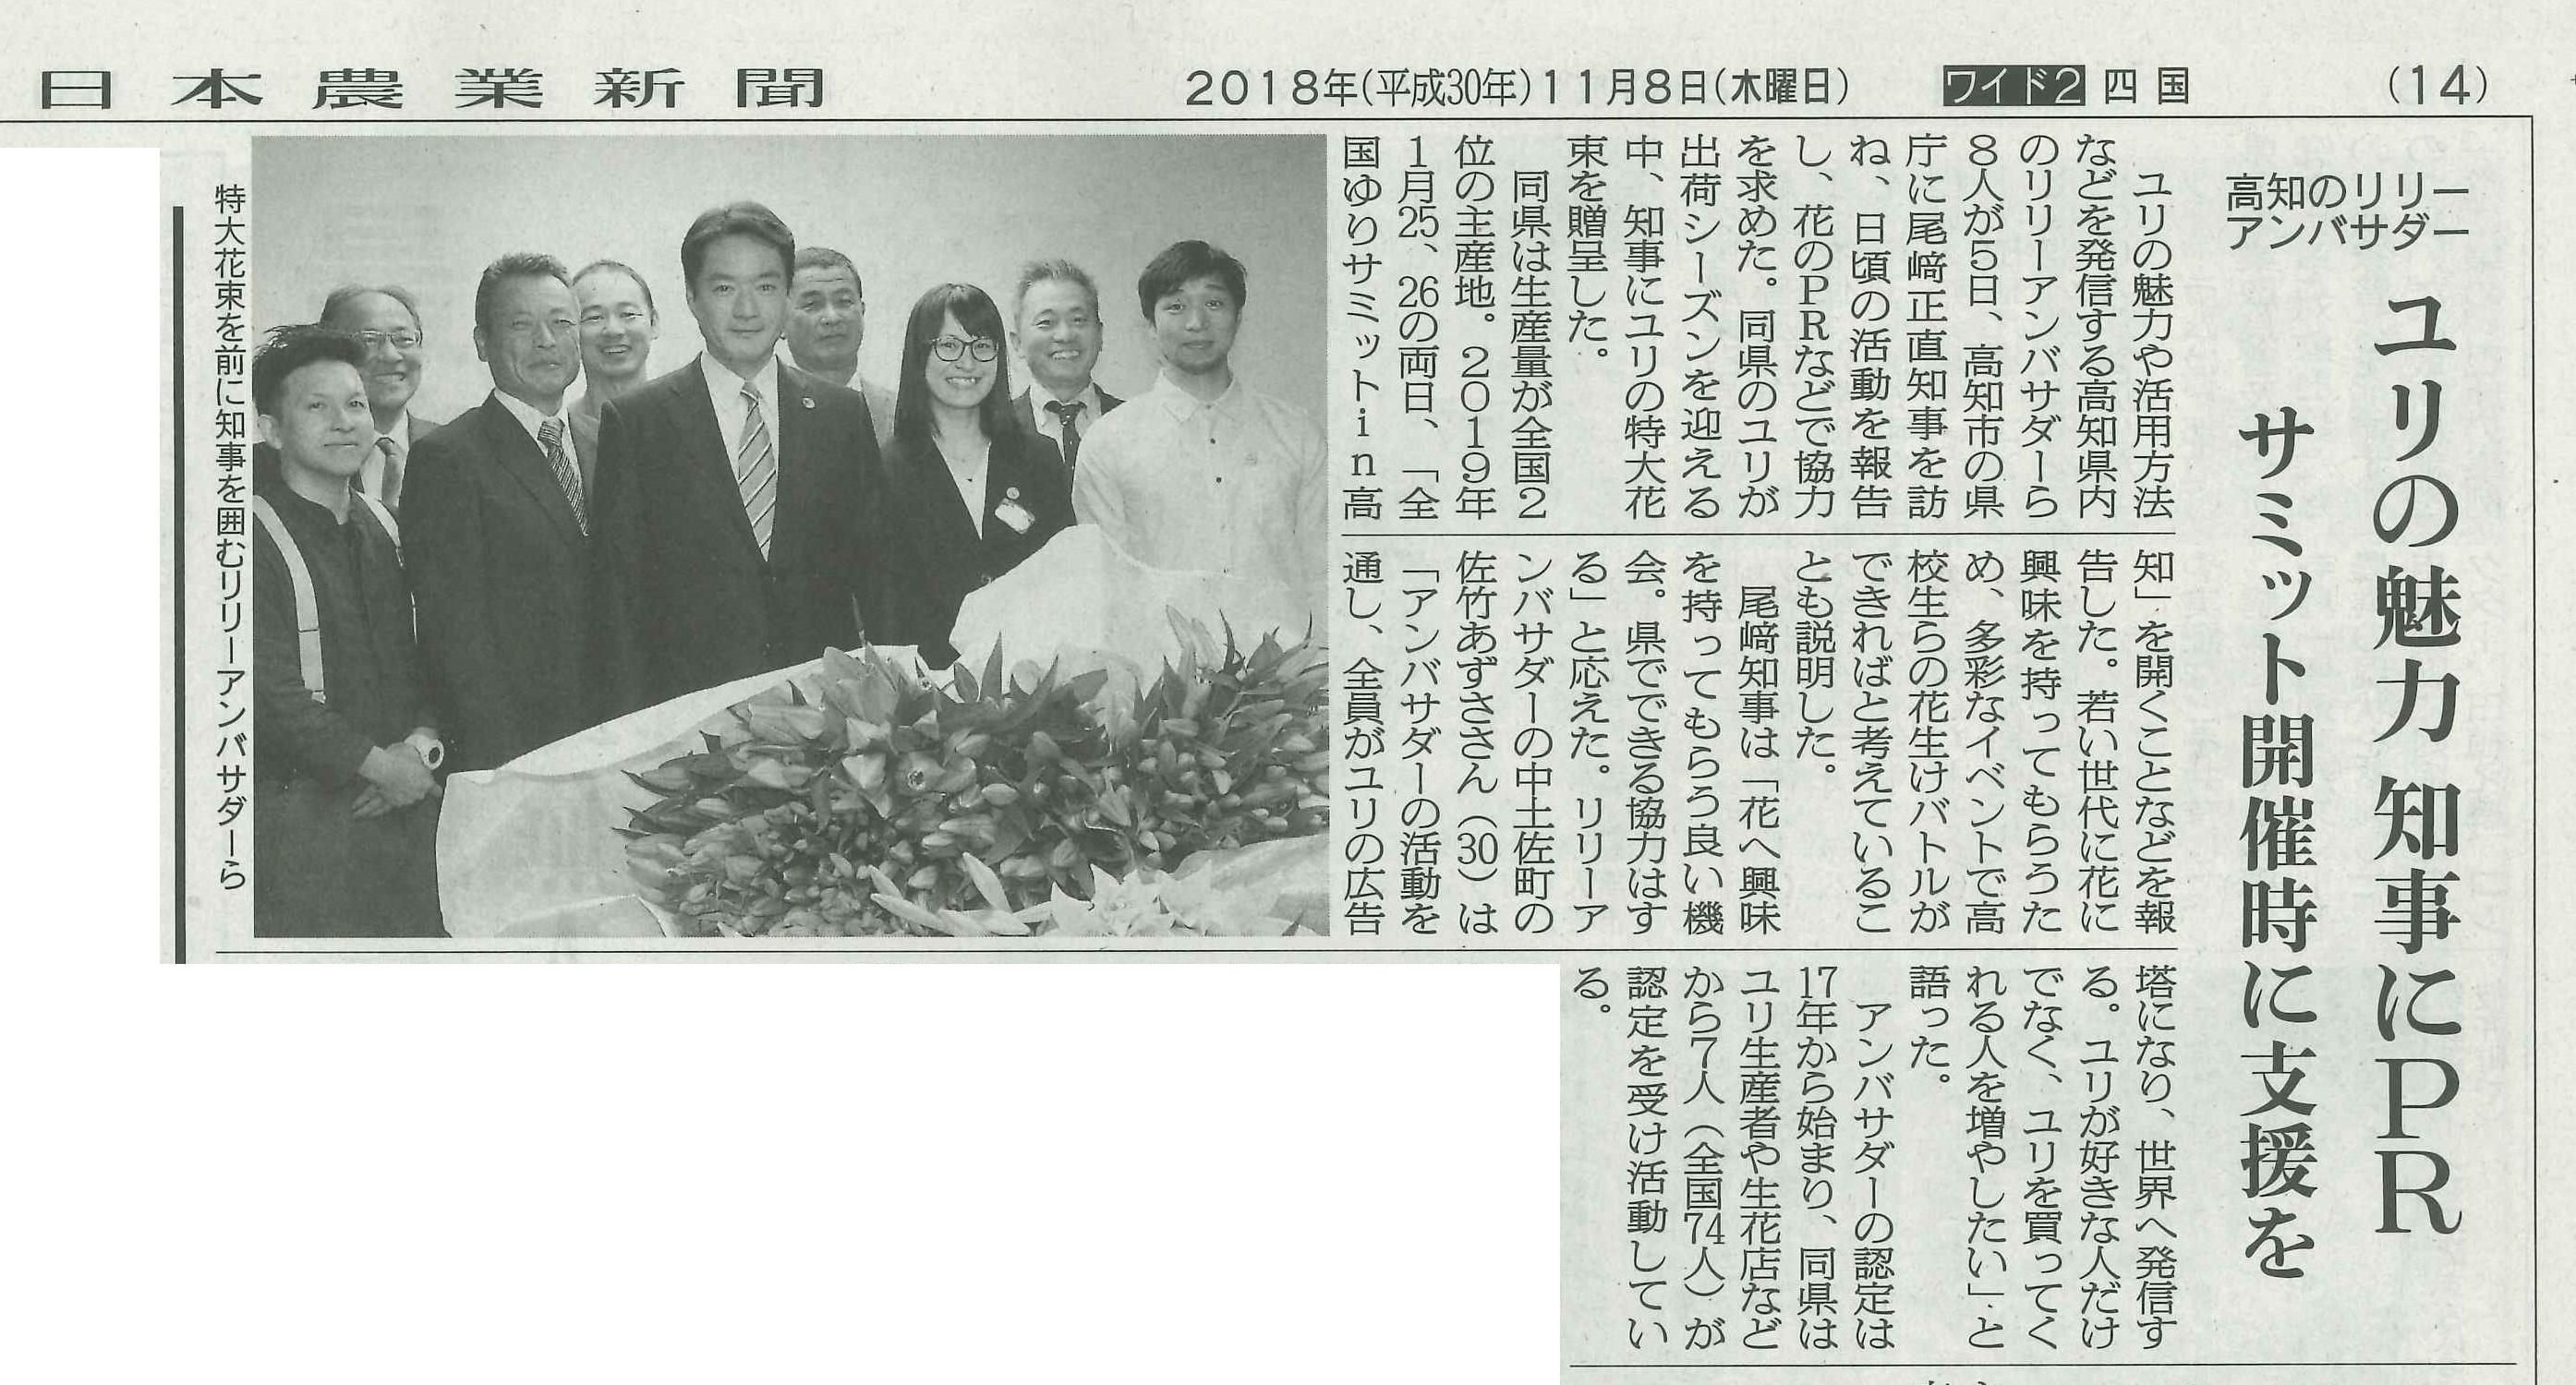 リリーアンバサダーの記事が日本農業新聞に掲載されました(2018/11/08)